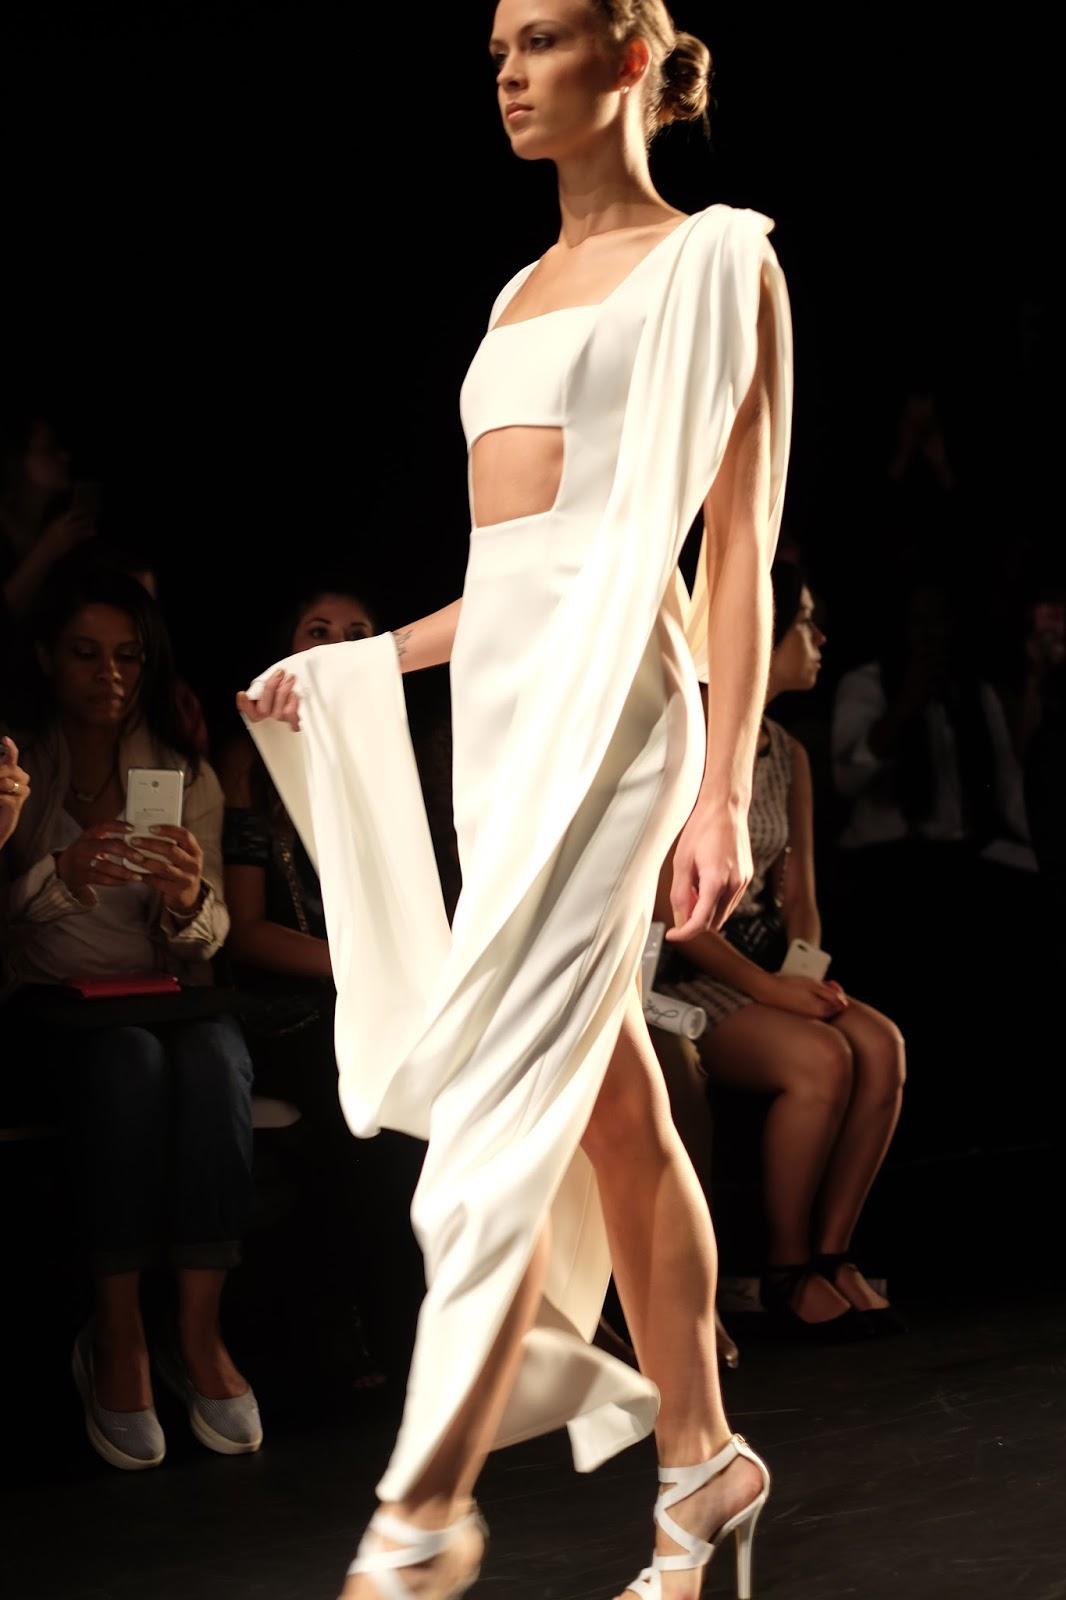 John Paul Ataker - A Fashion Nerd